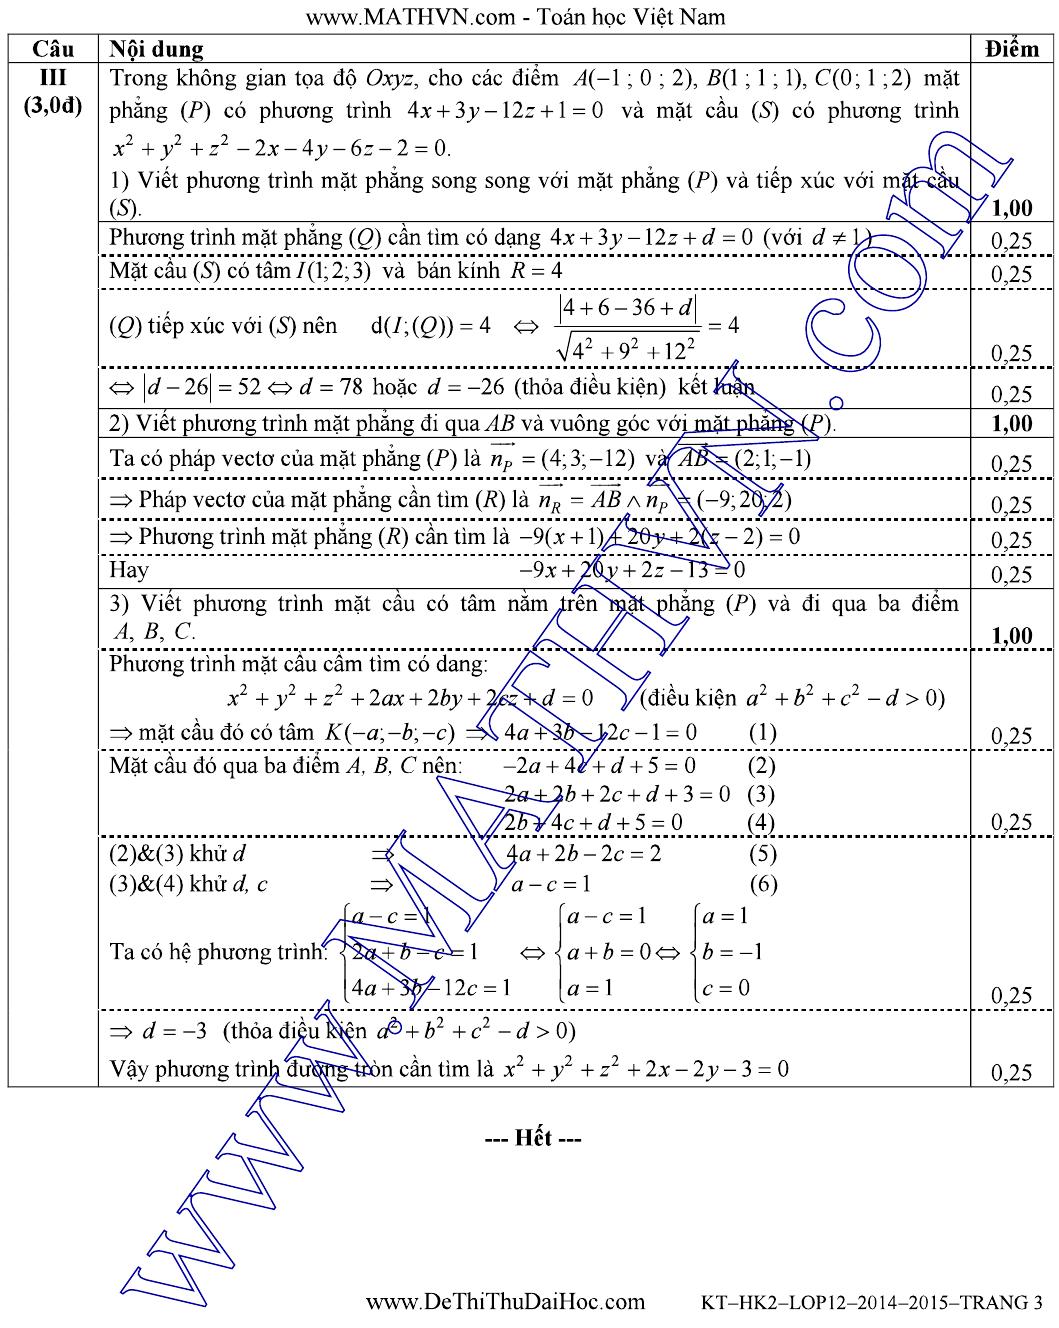 Đáp án Đề kiểm tra học kỳ II môn Toán lớp 12